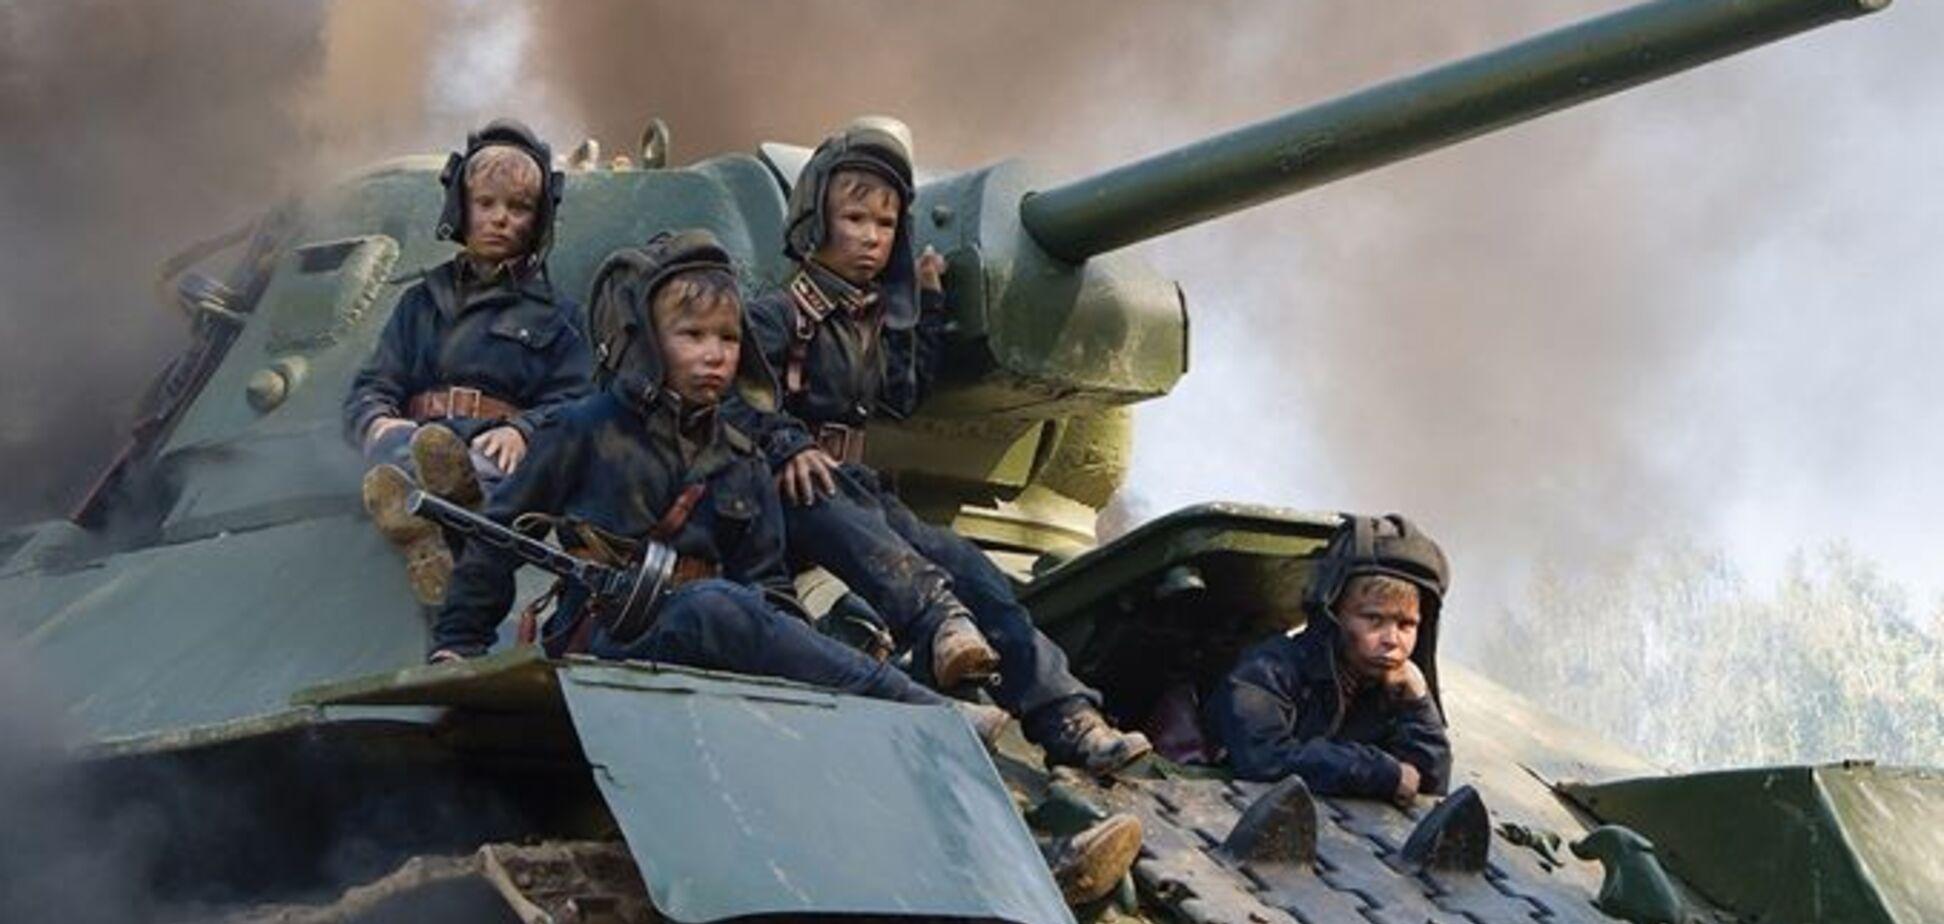 '75 років Перемоги': у мережі з'явилися фото скандального календаря із закривавленими дітьми